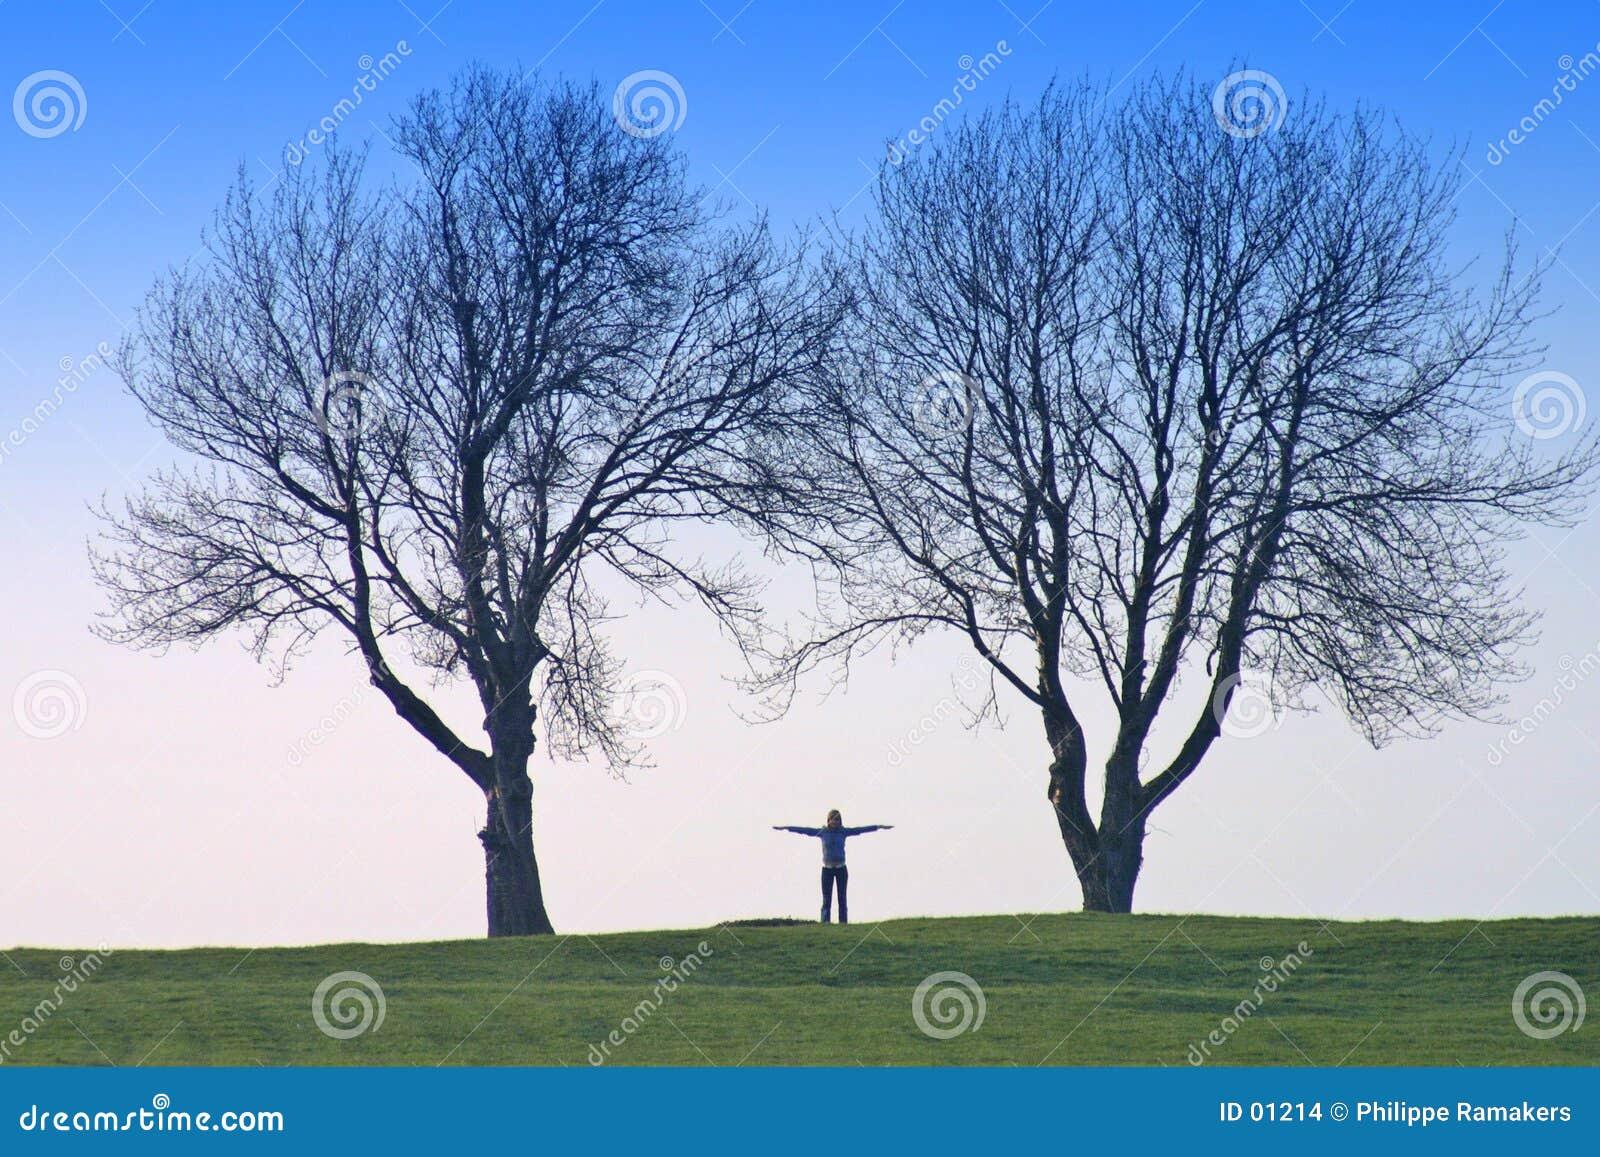 Menschliche Form und Bäume